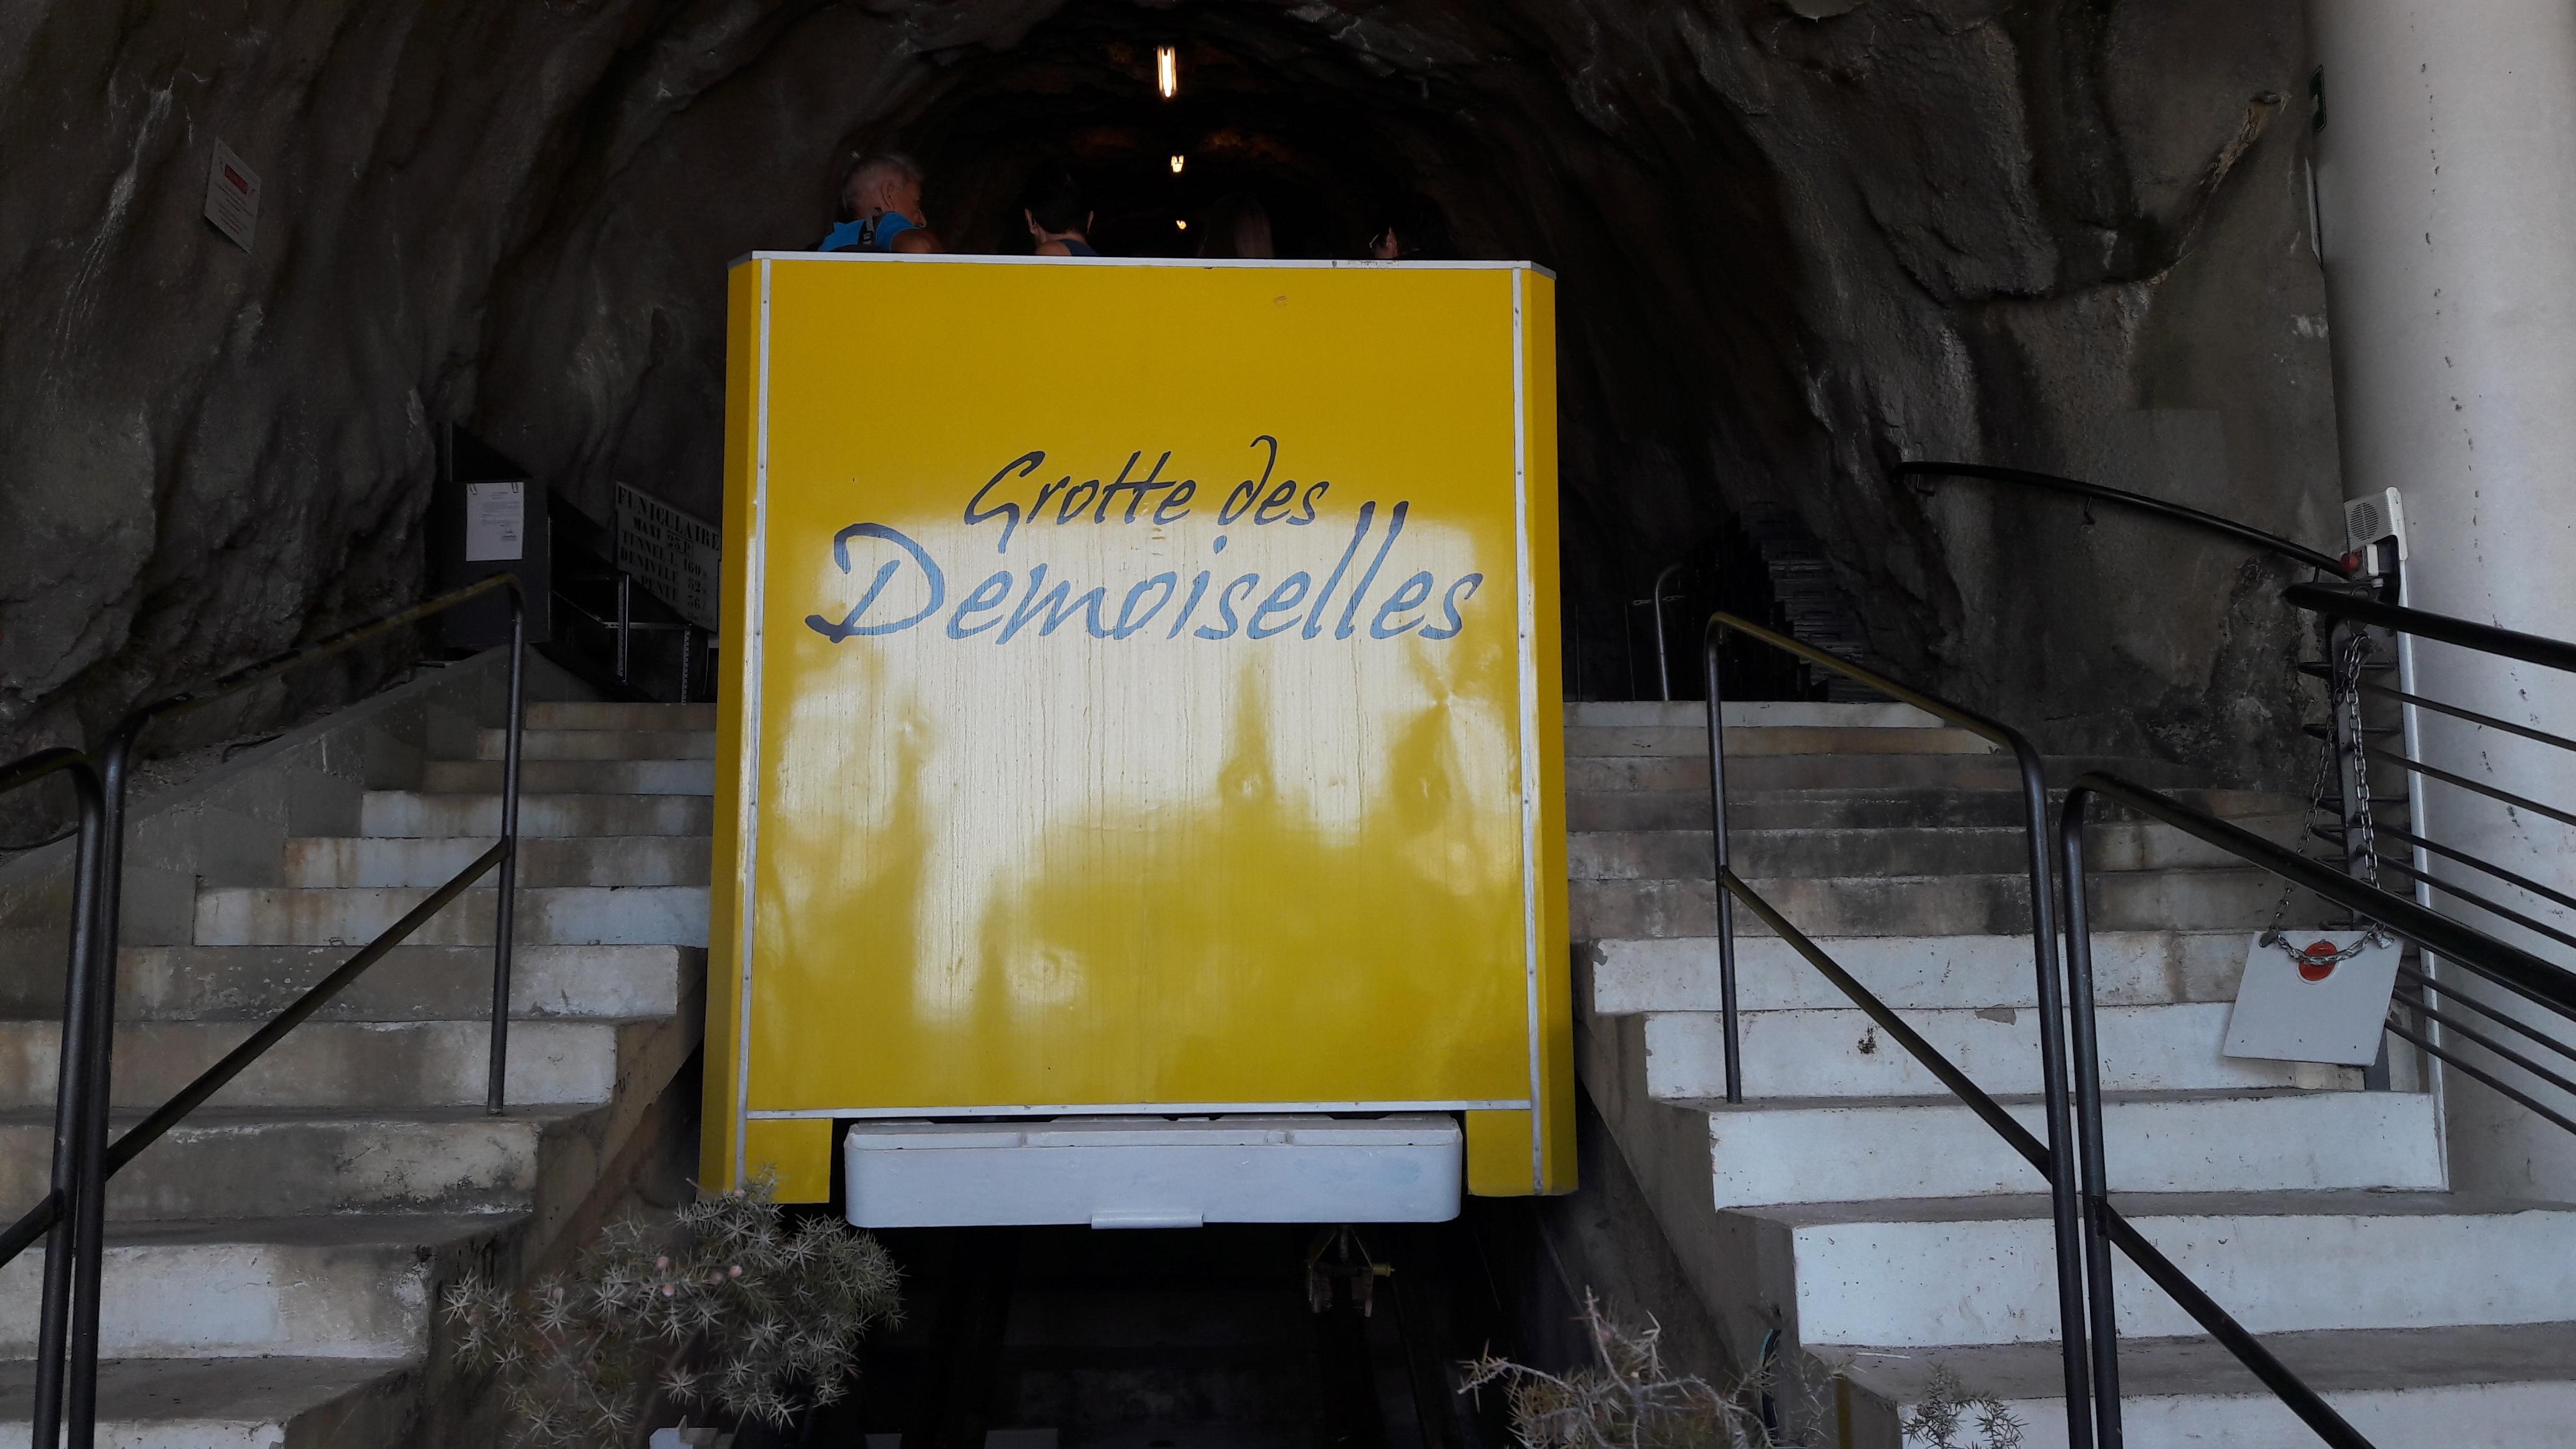 funiculaire grotte des demoiselles